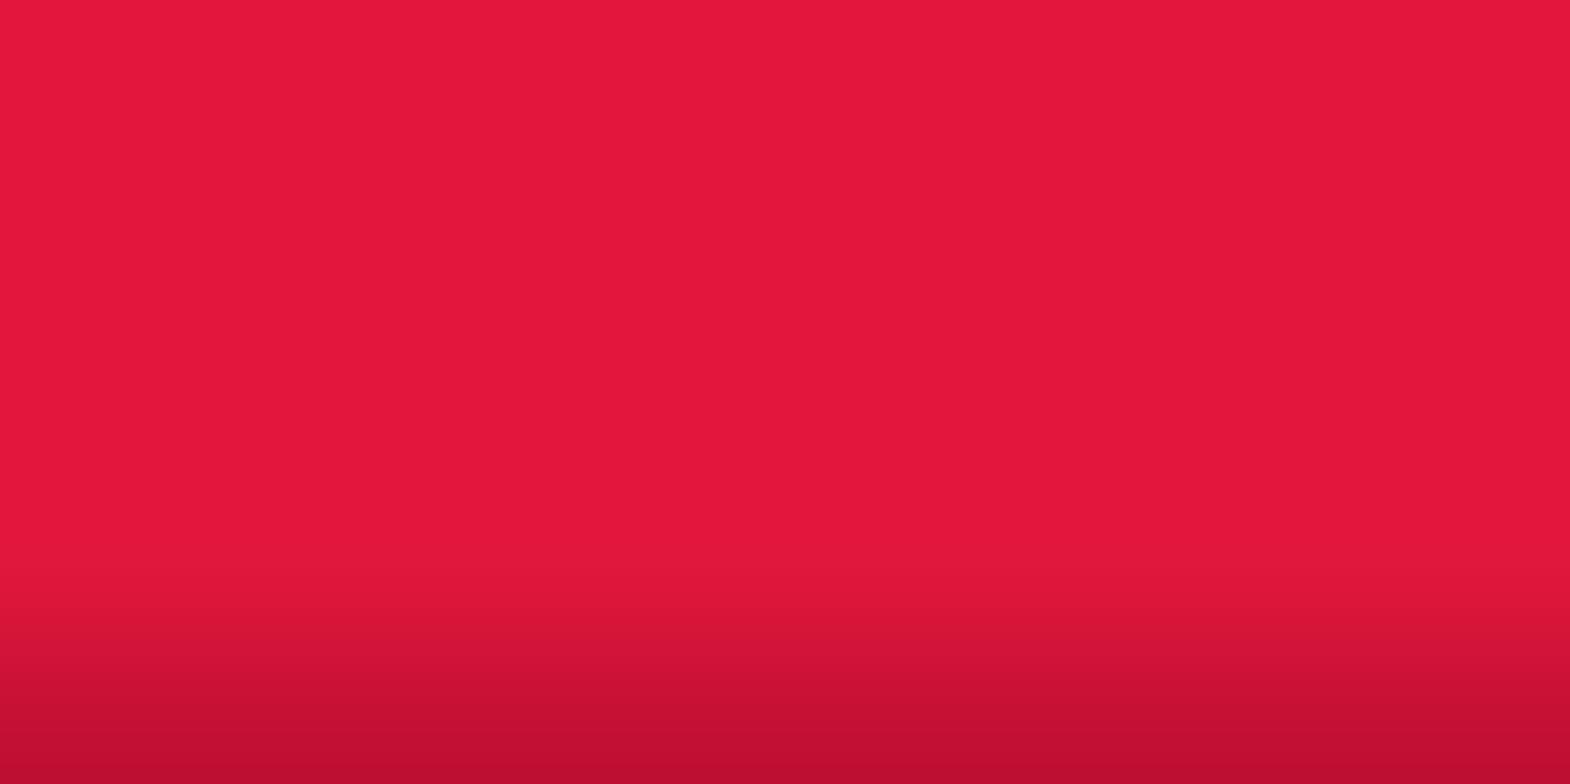 Plain Color Desktop Wallpaper